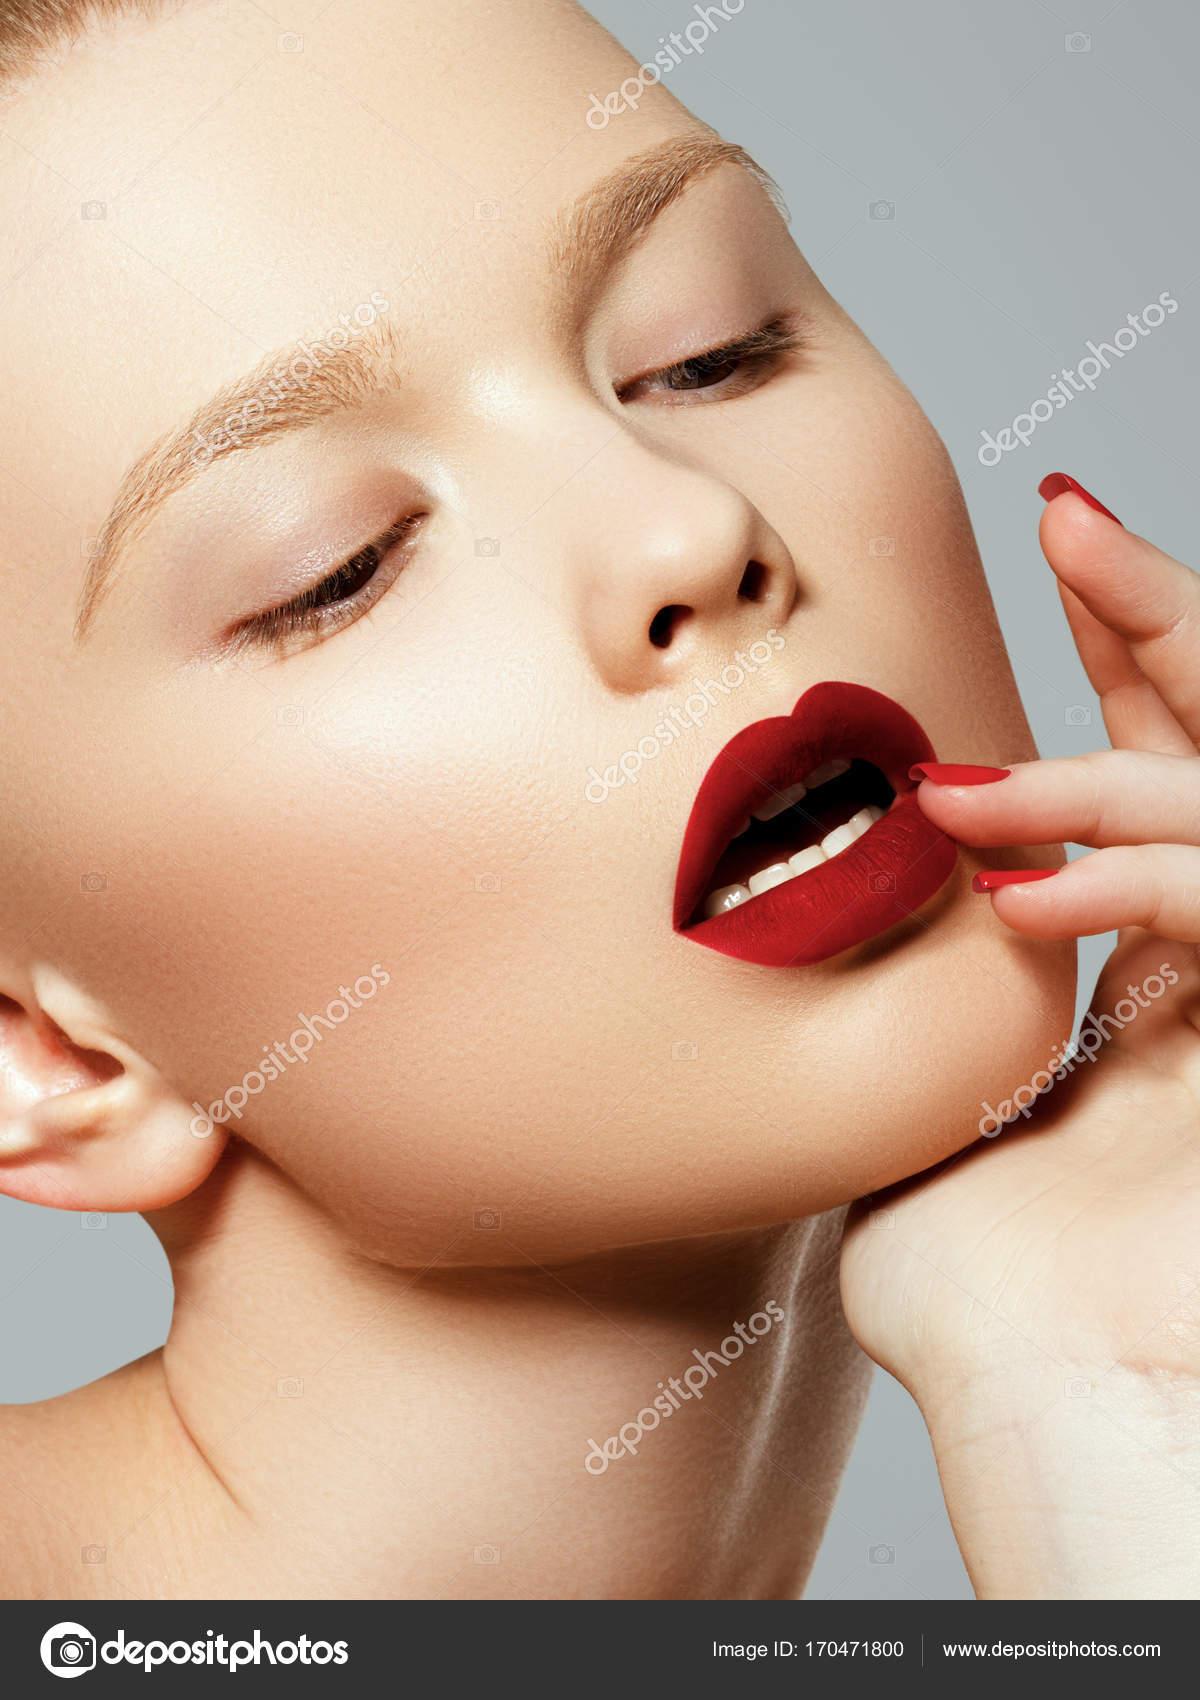 Красивые сексуальные и гламурные фотографии девушек